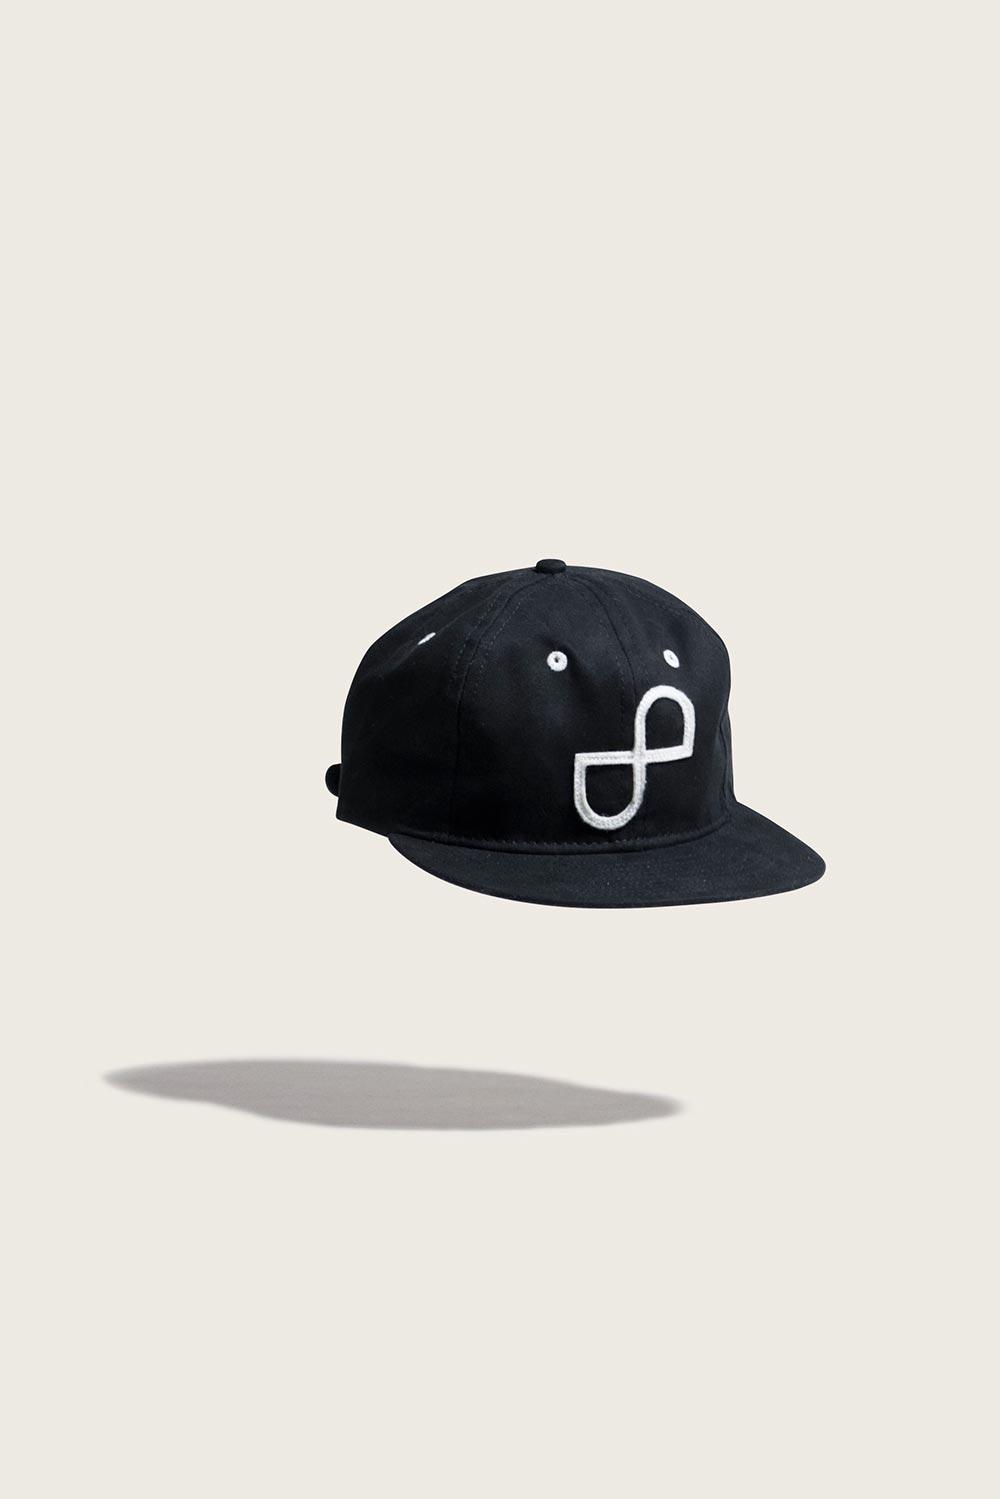 SPS x Ebbets Field Hat  4824013cae7